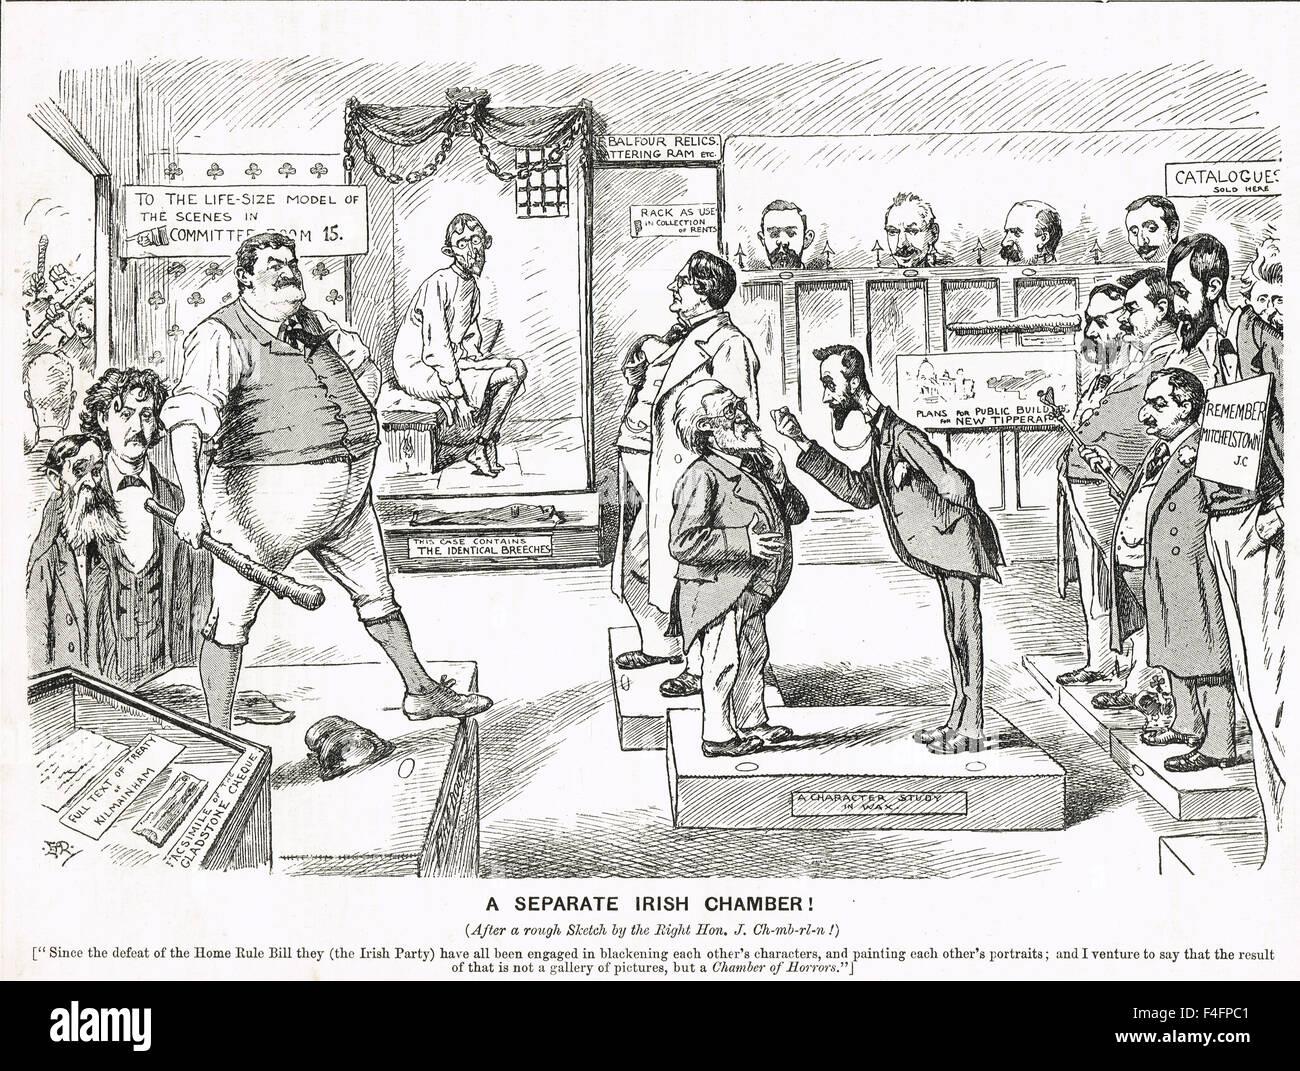 Home rule irlandés derrota cartoon 1894 Imagen De Stock